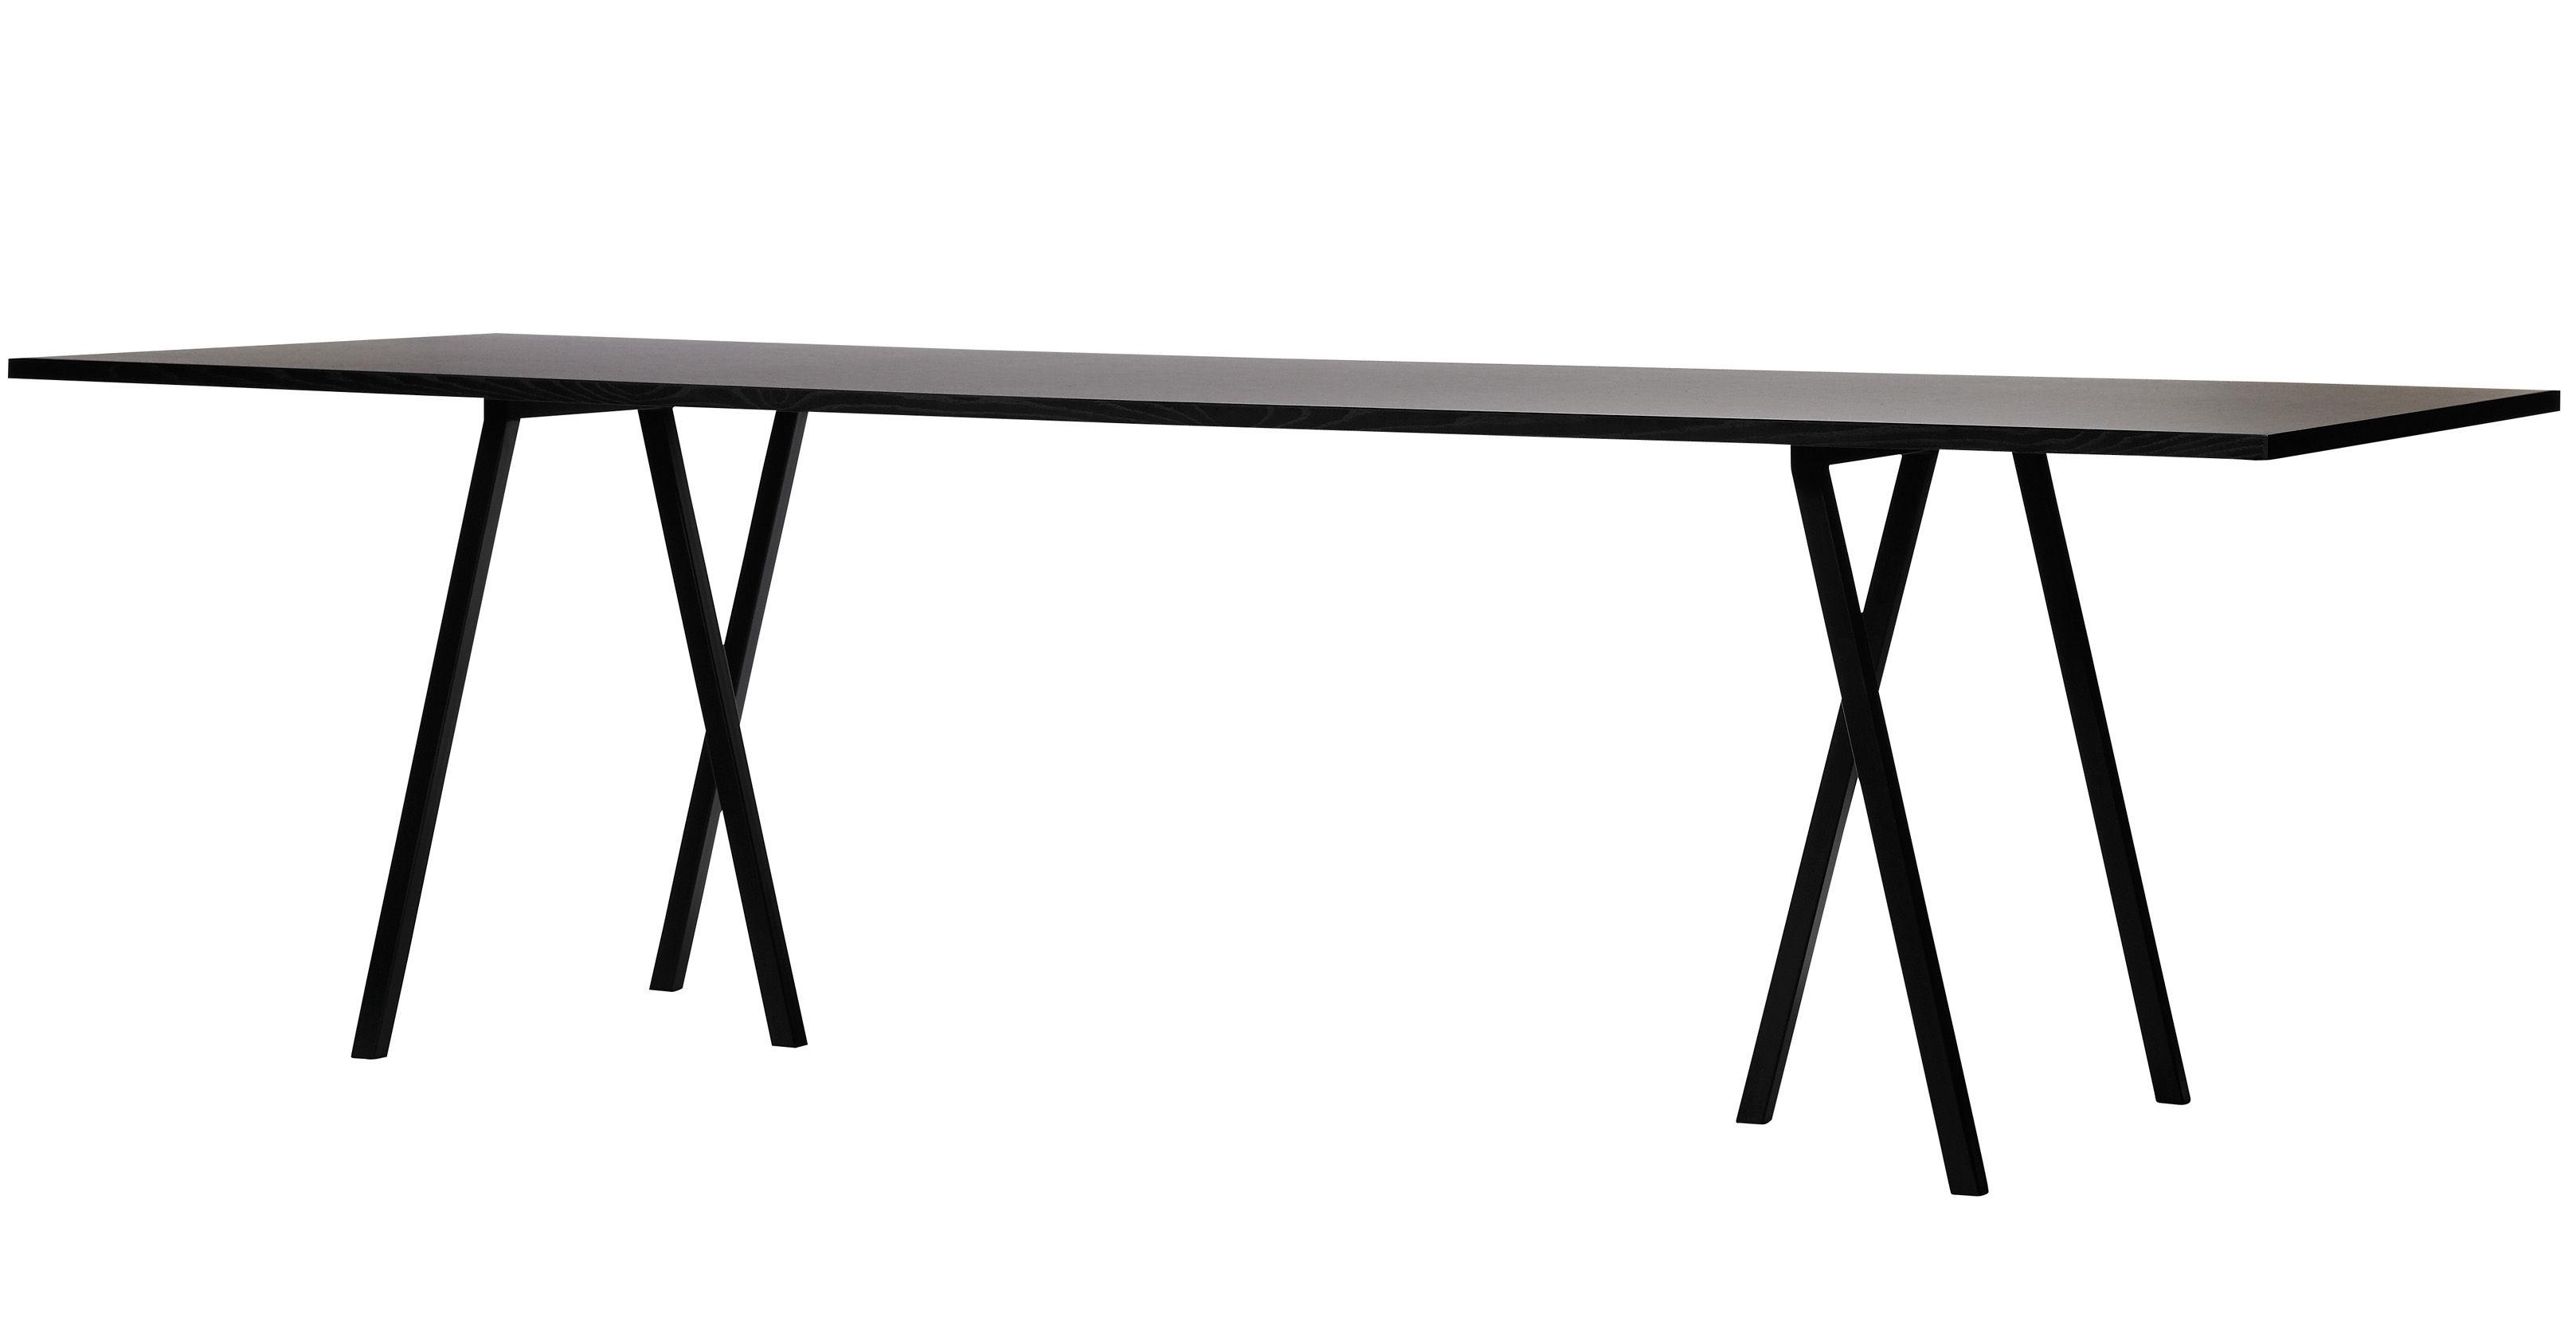 Dossiers - La top 100 dell'arredamento - Tavolo rettangolare Loop - L 180 cm di Hay - L 180 cm - Nero - Acciaio laccato